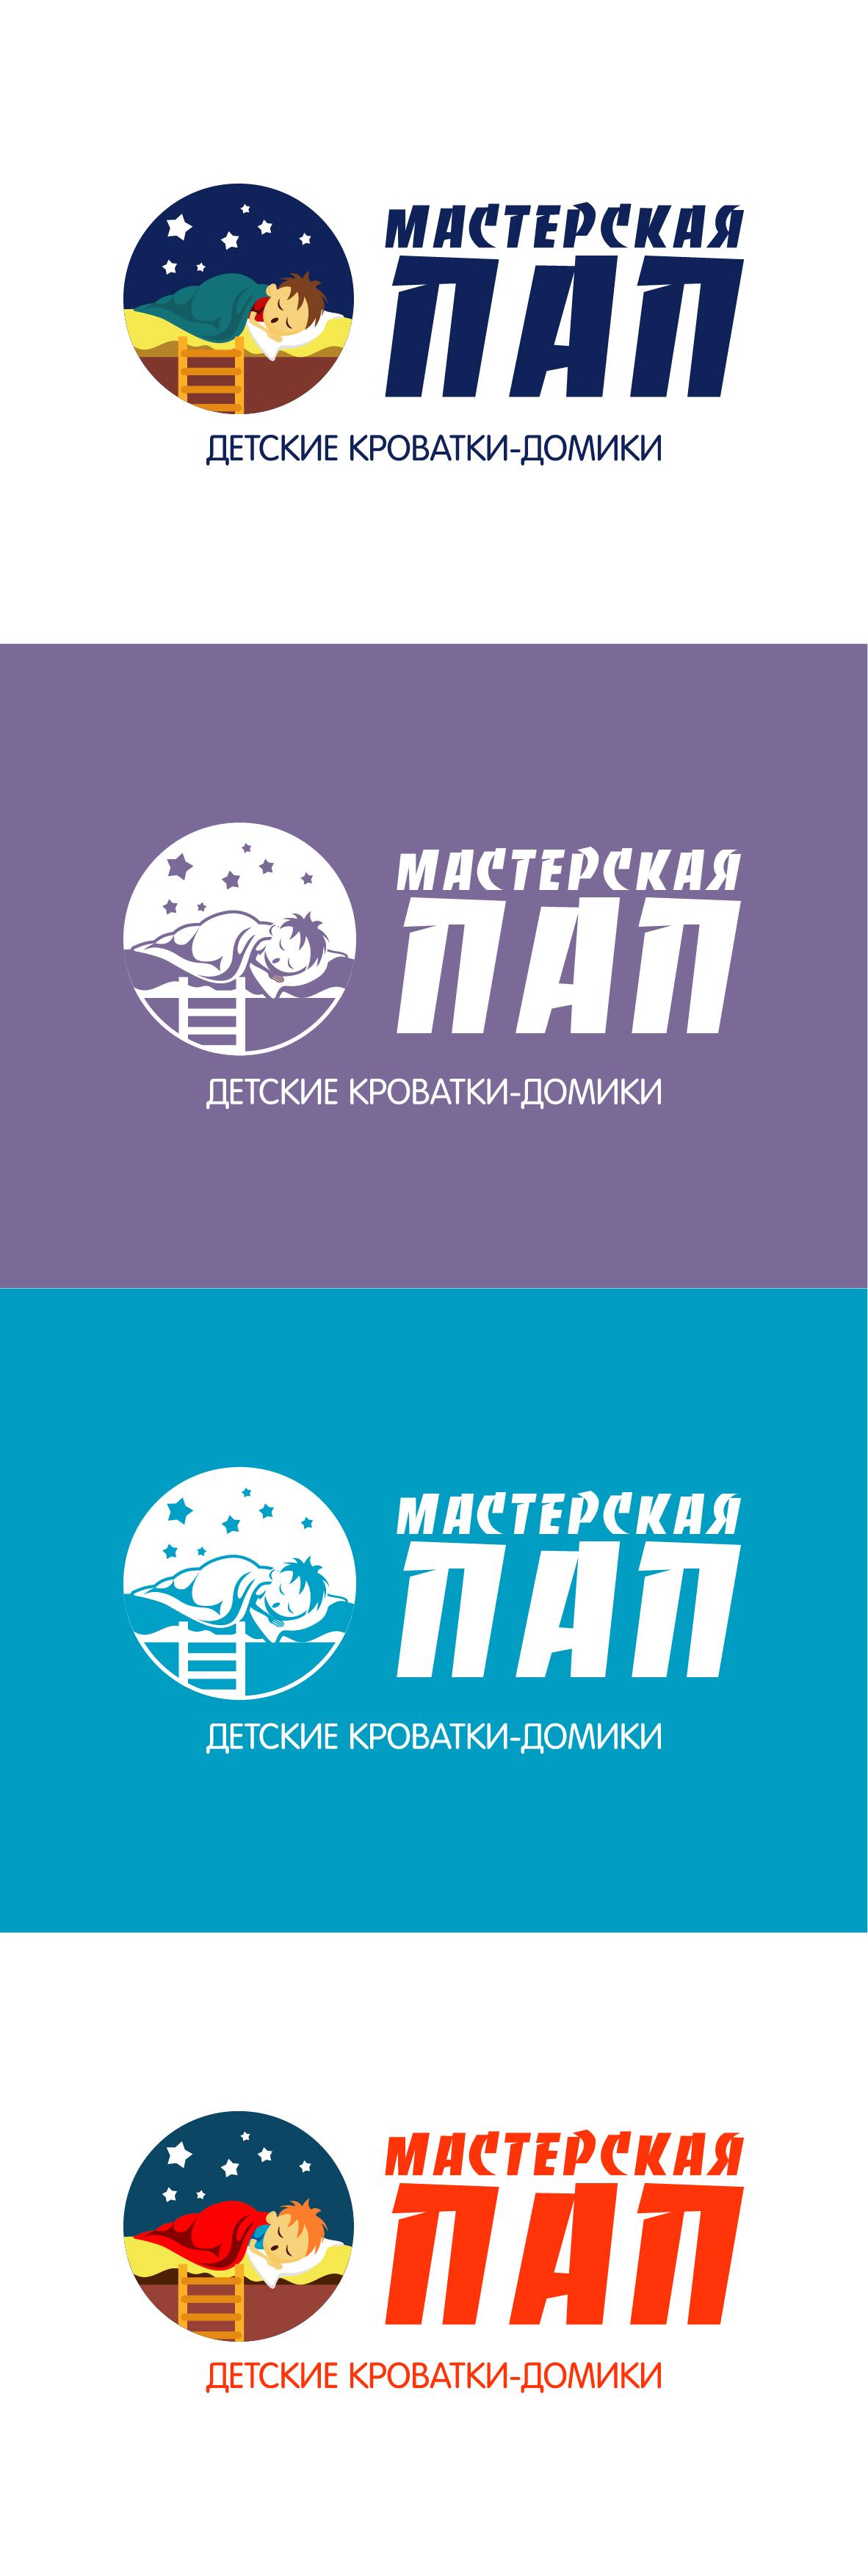 Разработка логотипа  фото f_7845aacfb3a7a22f.jpg